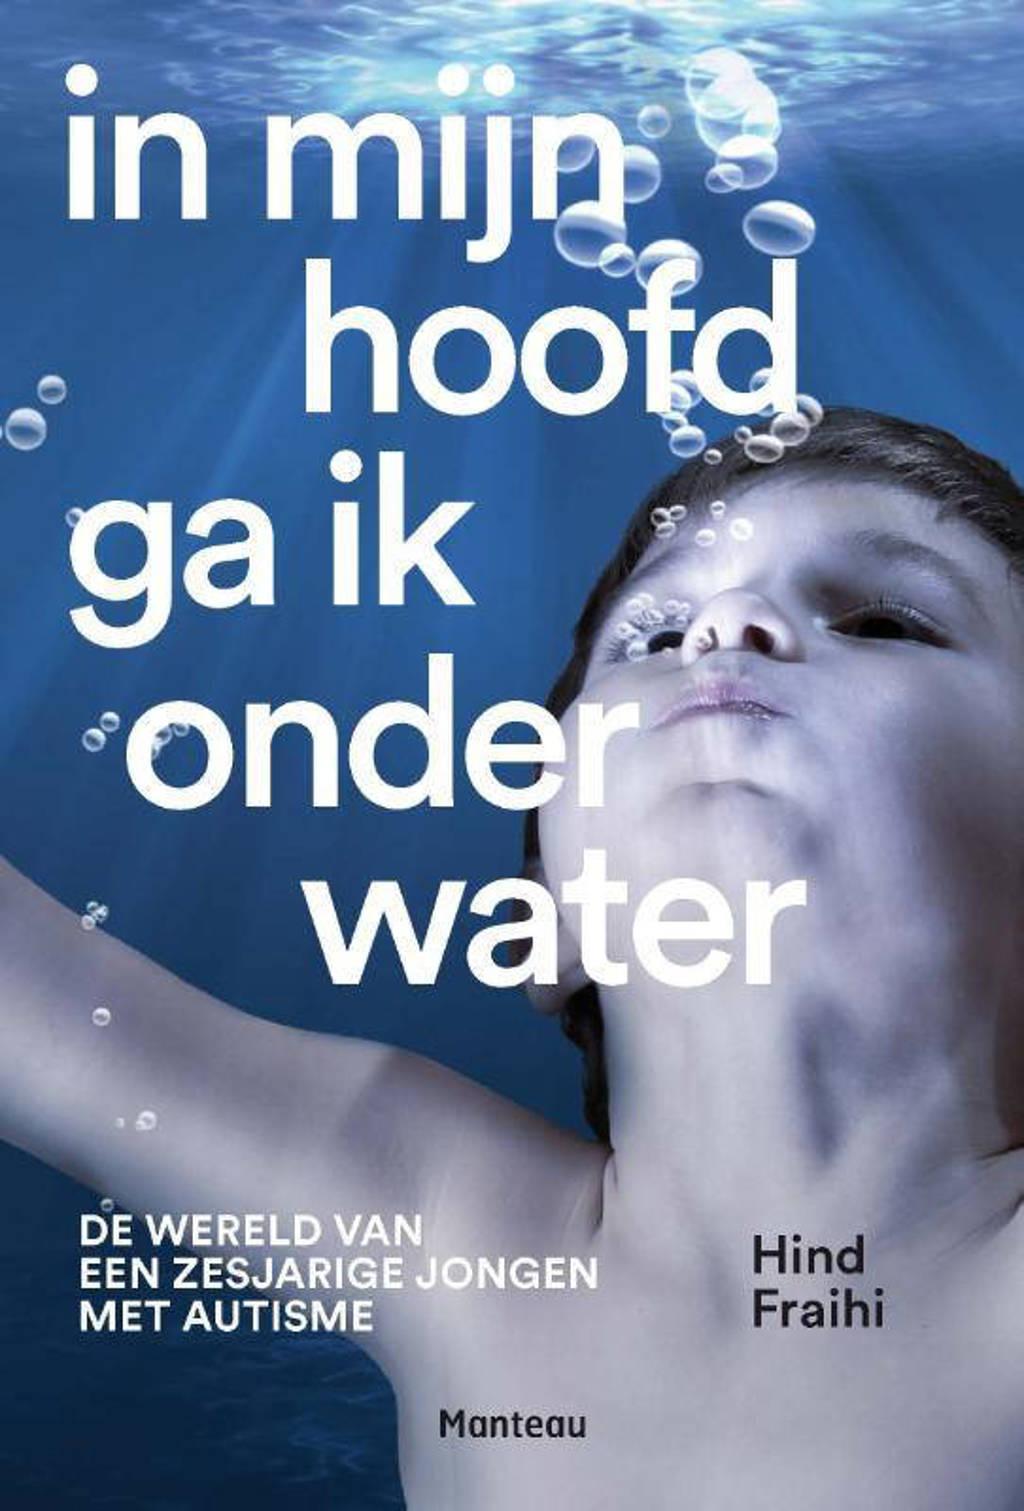 In mijn hoofd ga ik onder water - Hind Fraihi